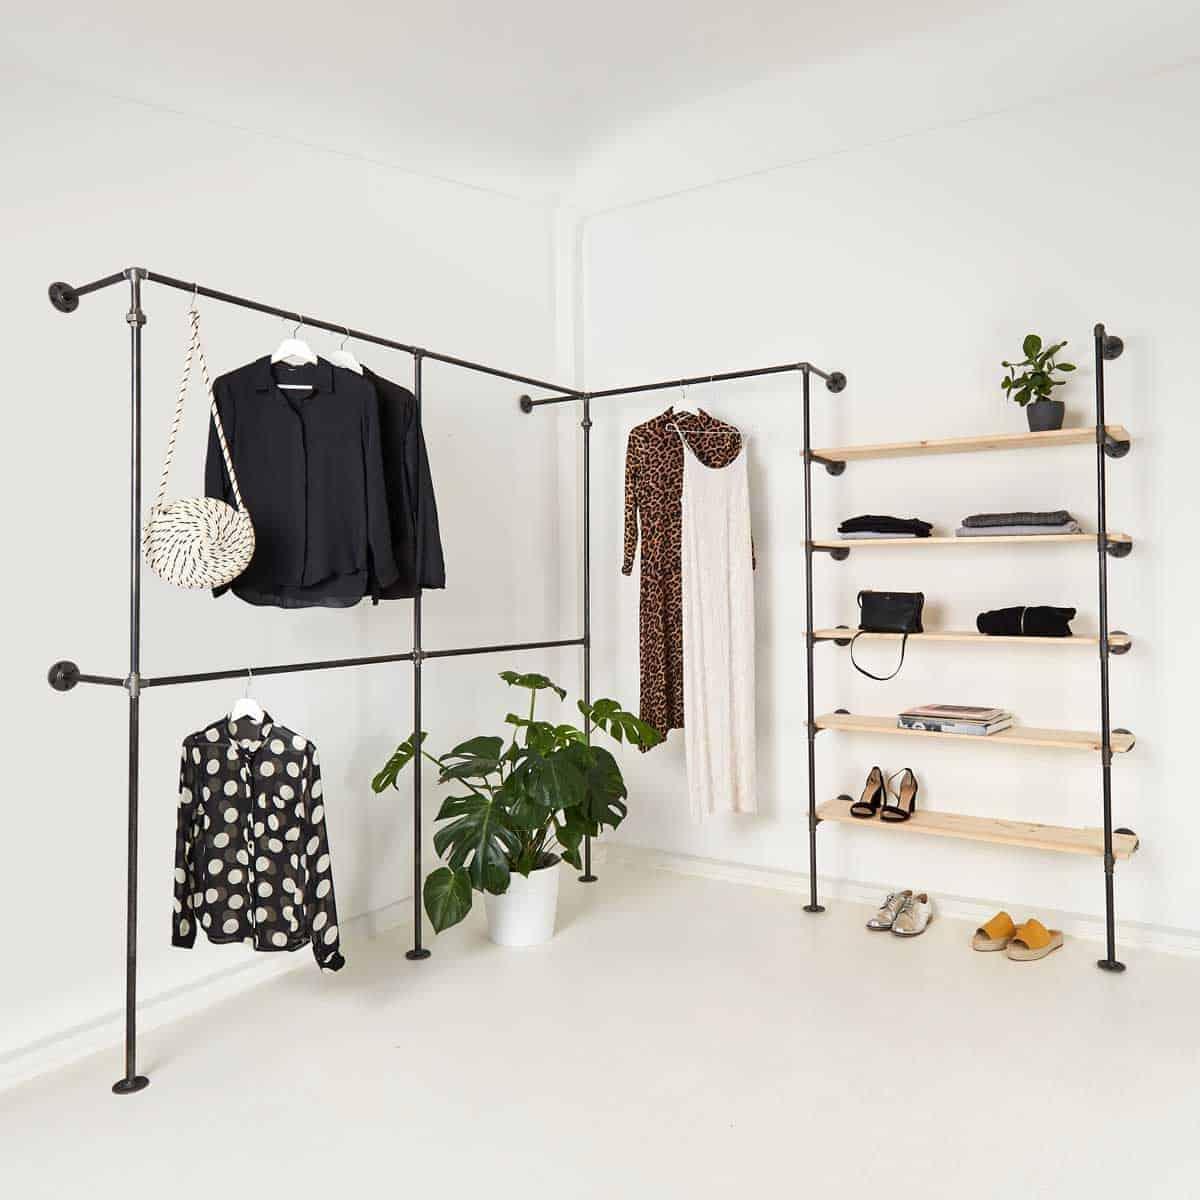 Garderobe Industrial Design Eckkleiderschrank Online Bestellen